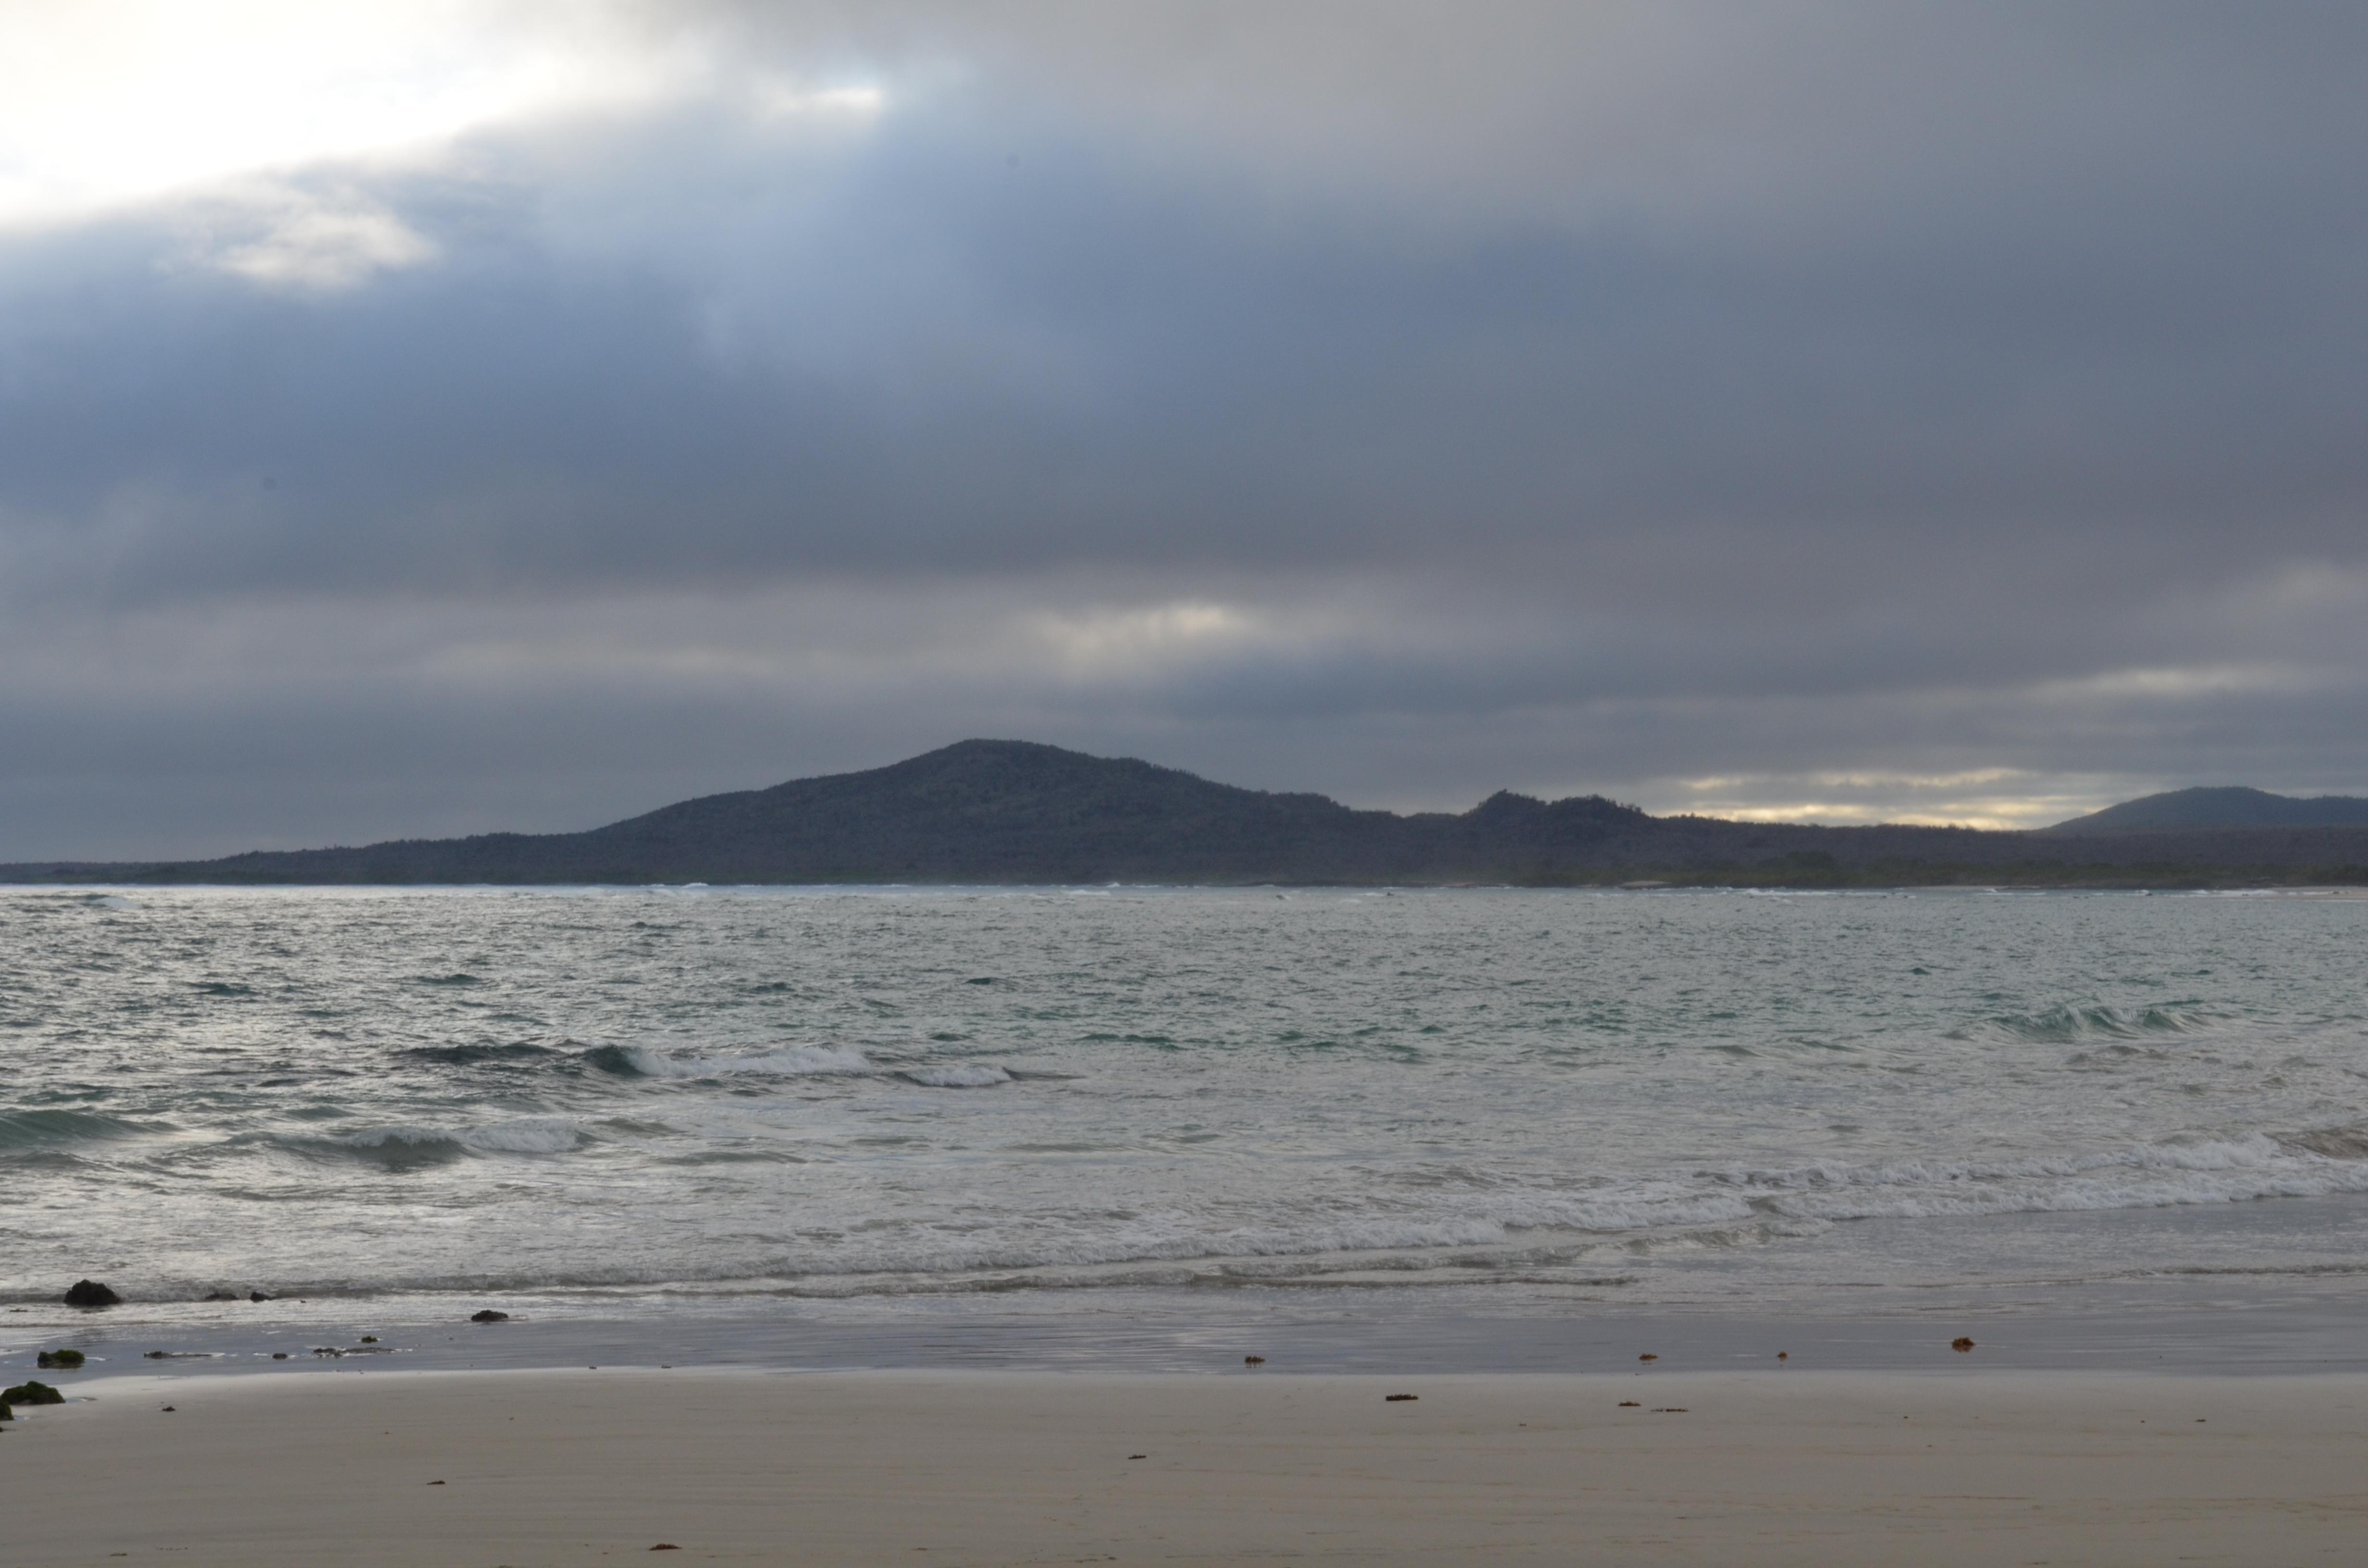 Galapagos shore